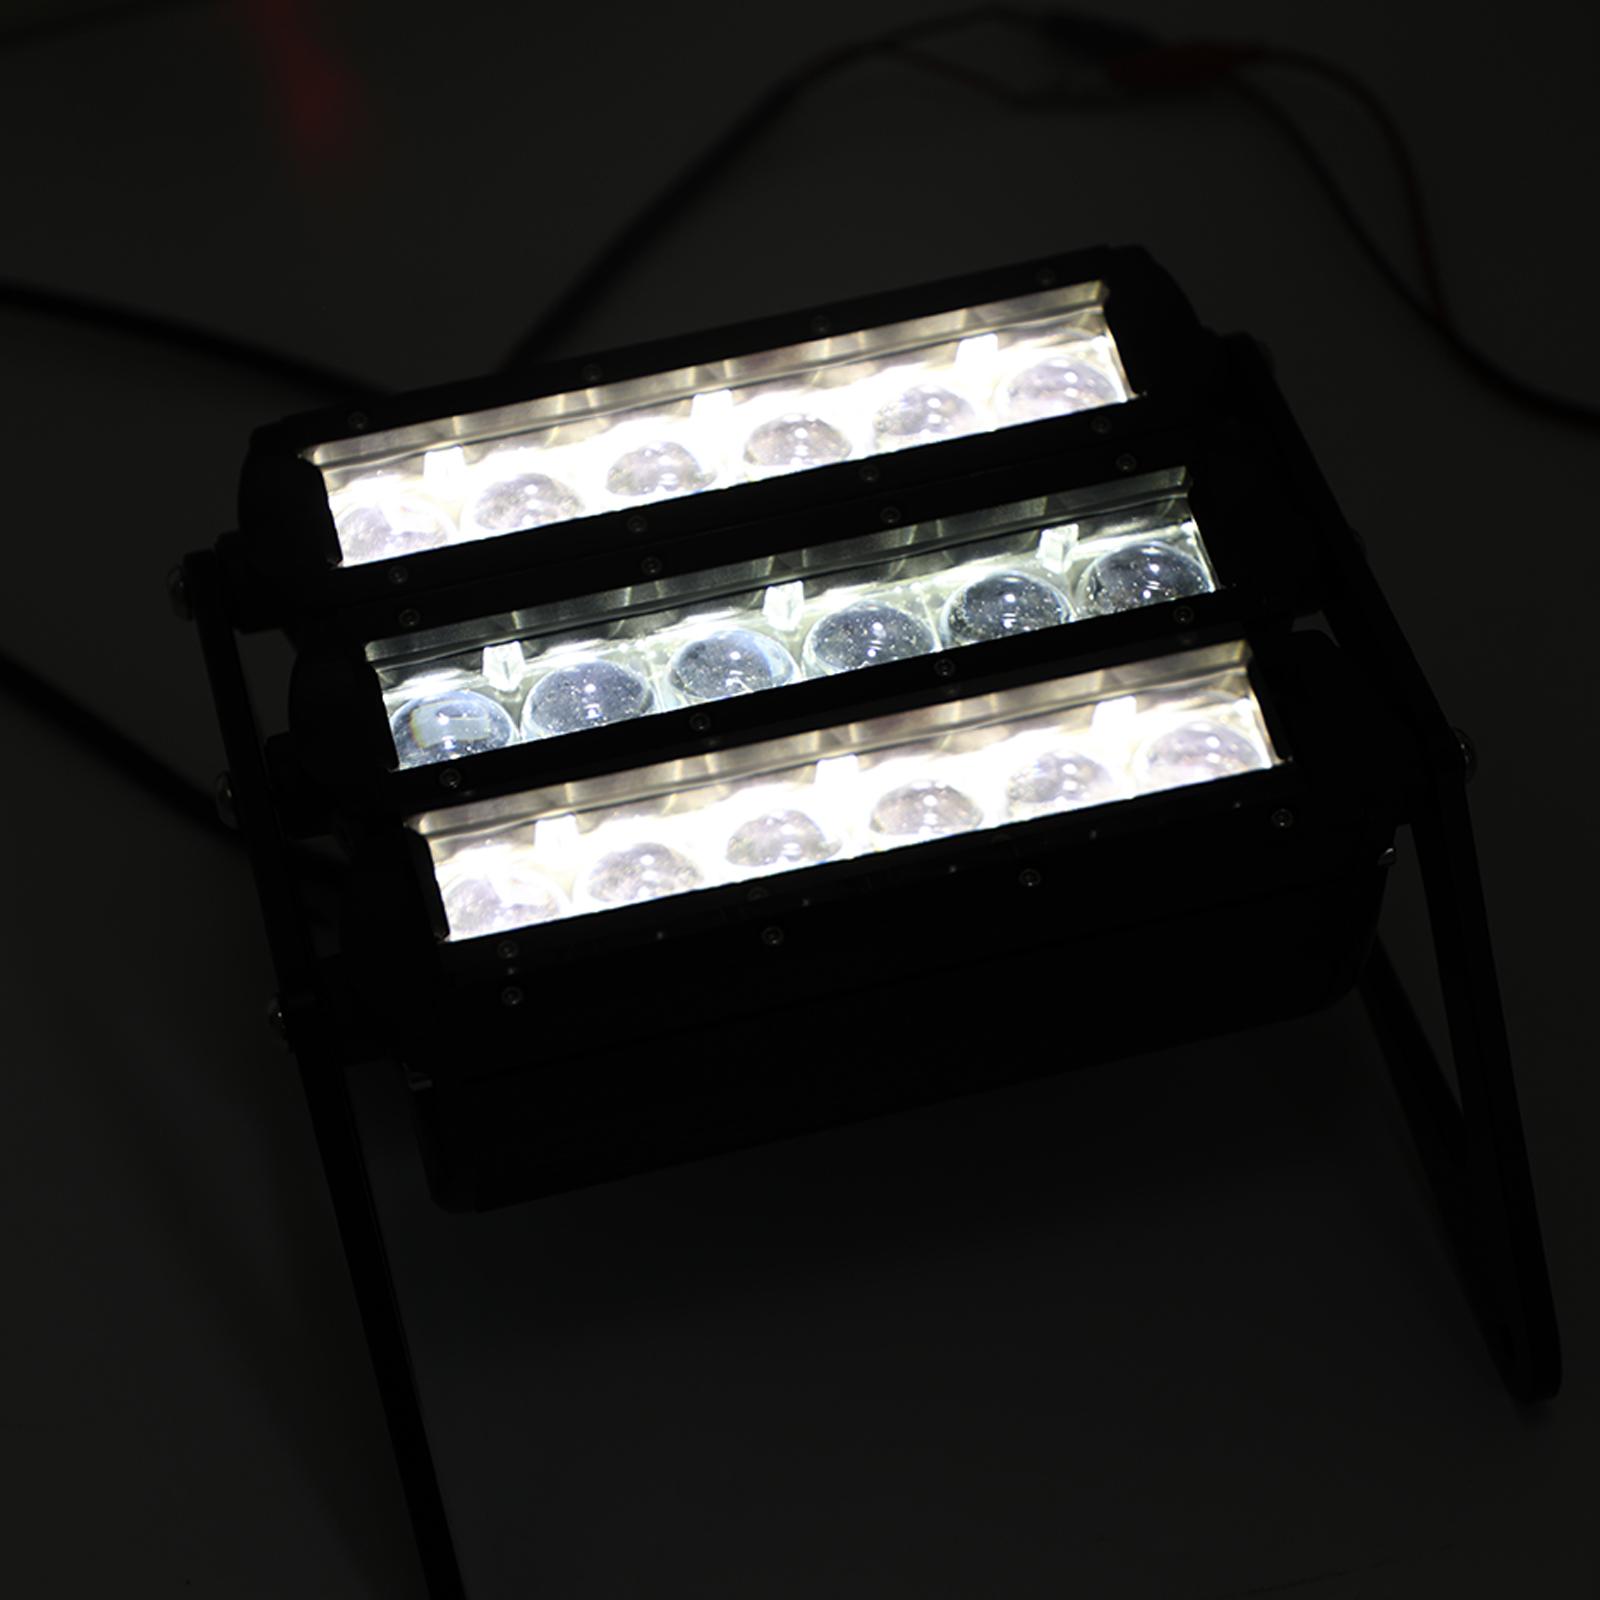 Bruce /& Shark 3 Row LED Motorcycle Headlight Fog Light Aluminum for Honda Grom MSX125 2013-2019